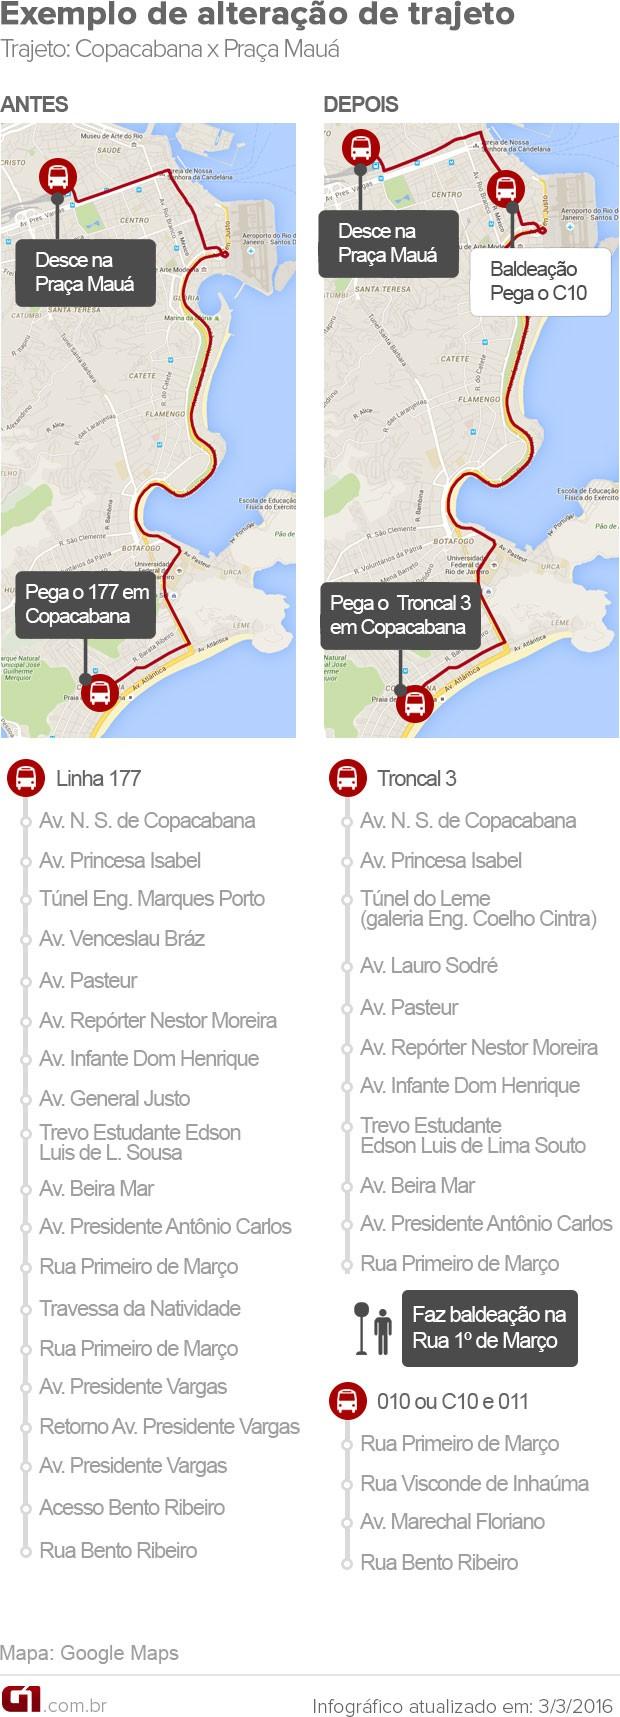 Exemplo de alteração de trajeto após racionalização das linhas de ônibus do Rio (Foto: Editoria de arte/G1)